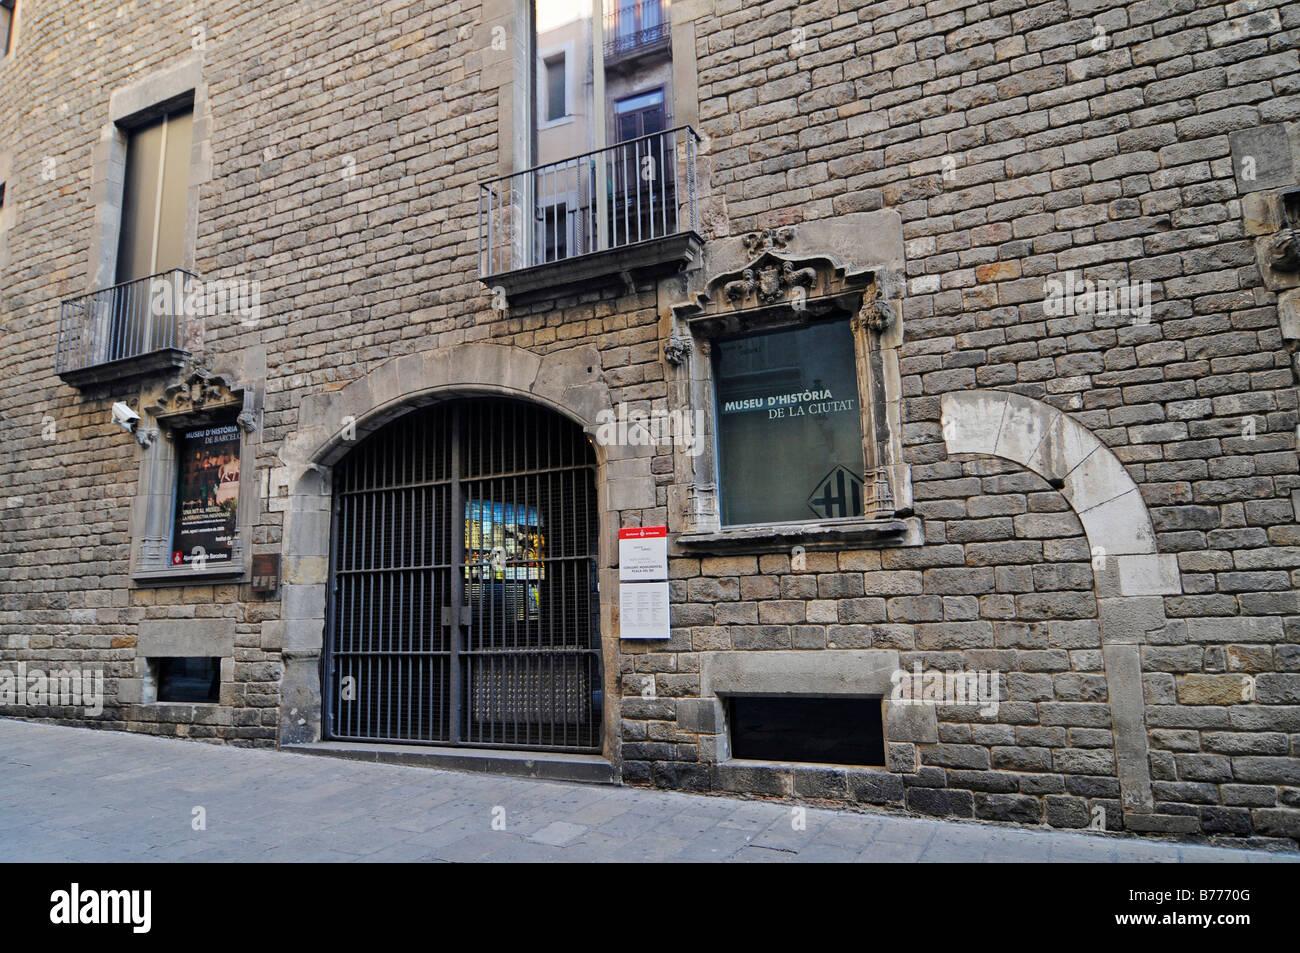 Entrance, facade, Museu de Historia de la Ciutat, historical museum, Placa del Rei, Plaza, Barri Gotic, Barcelona, - Stock Image